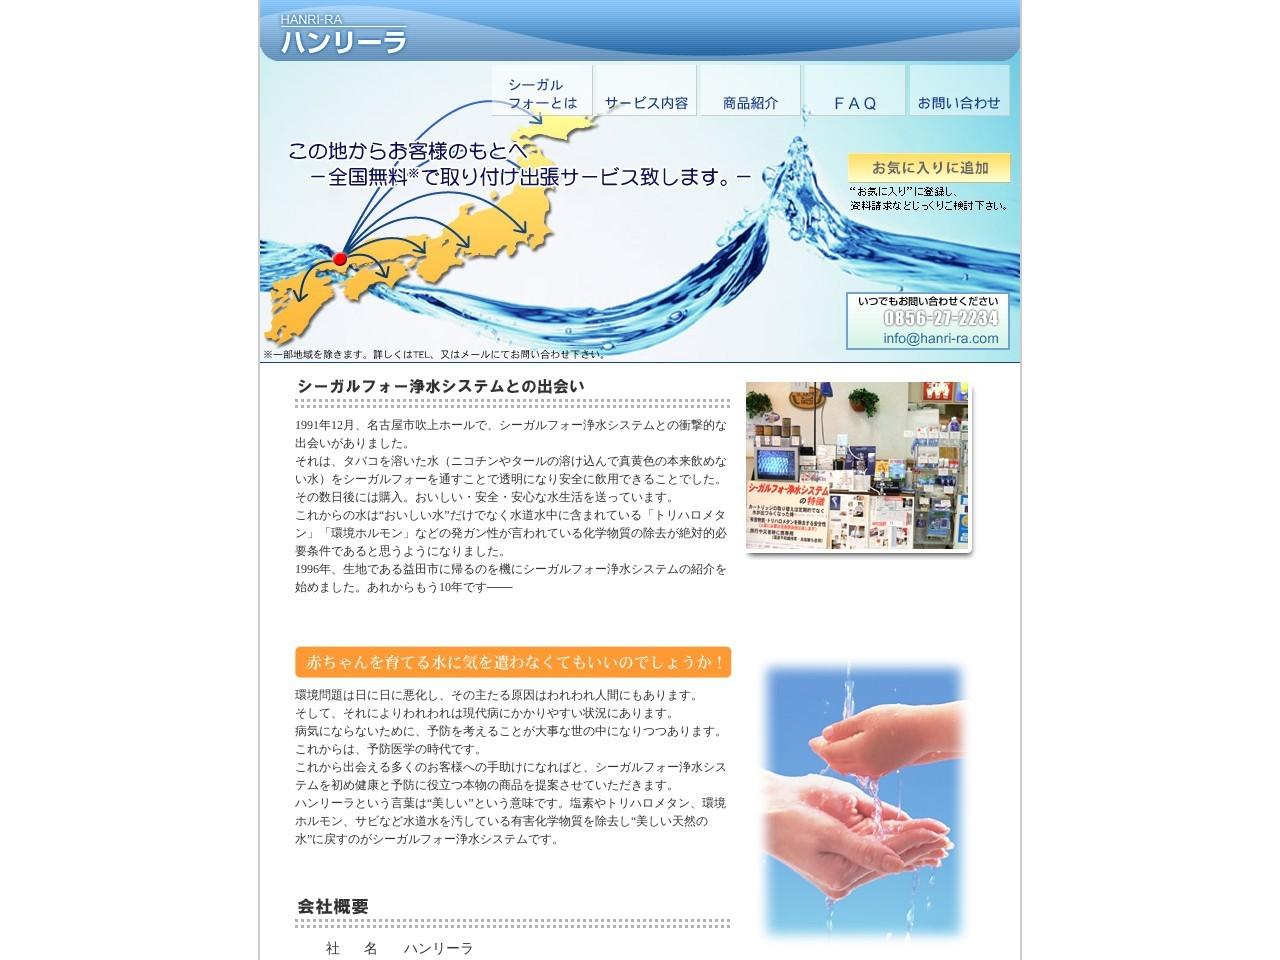 シーガルフォー浄水システム・ハンリーラ